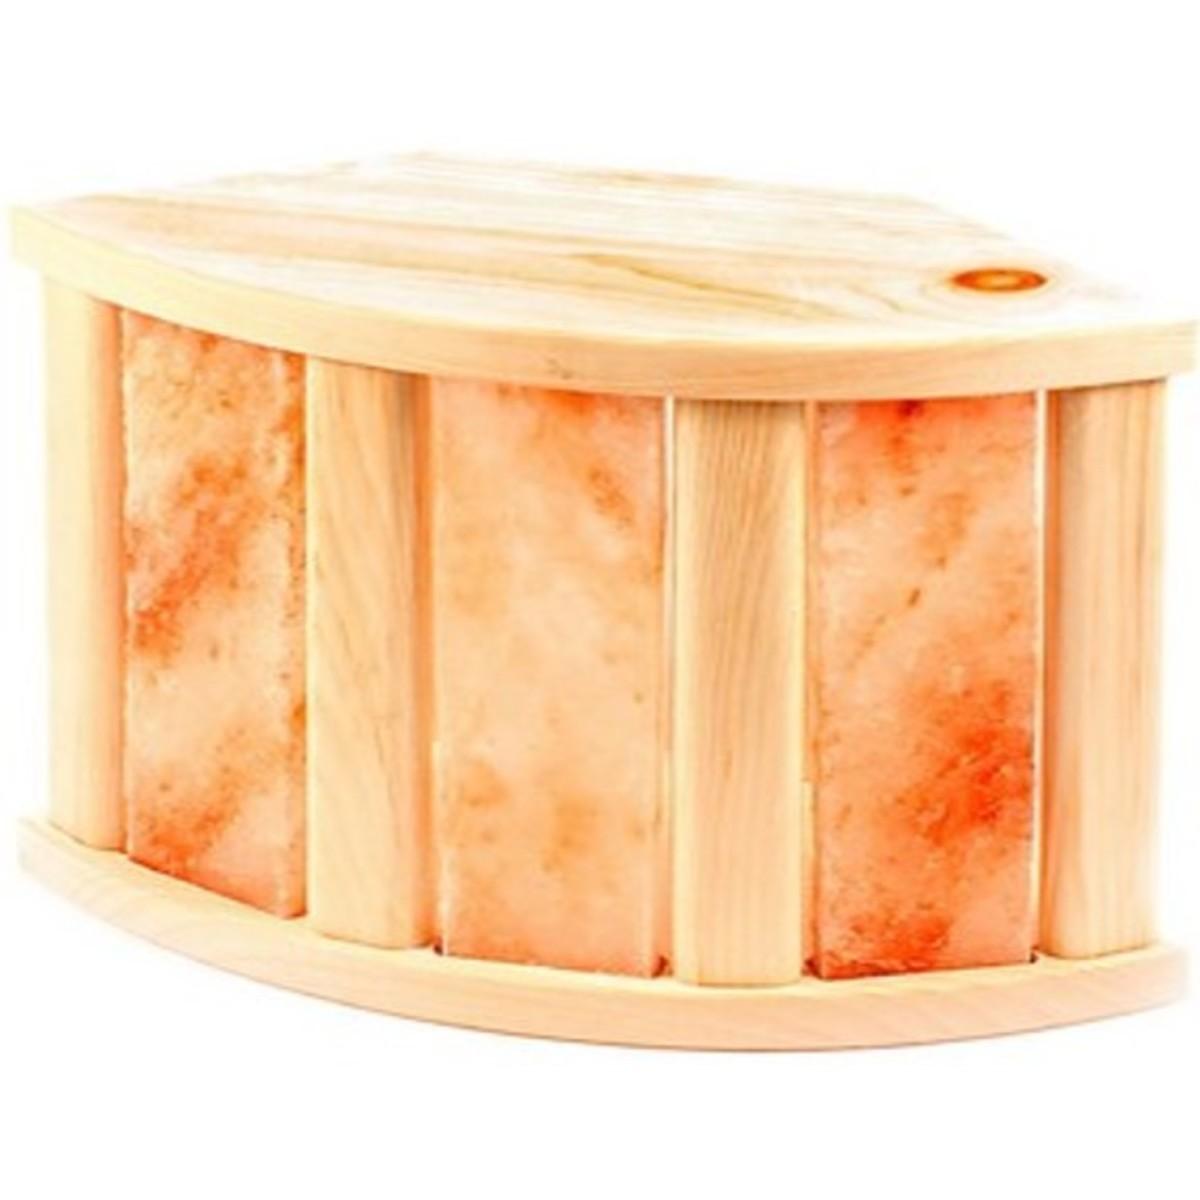 Абажур угловой со вставками из гималайской соли